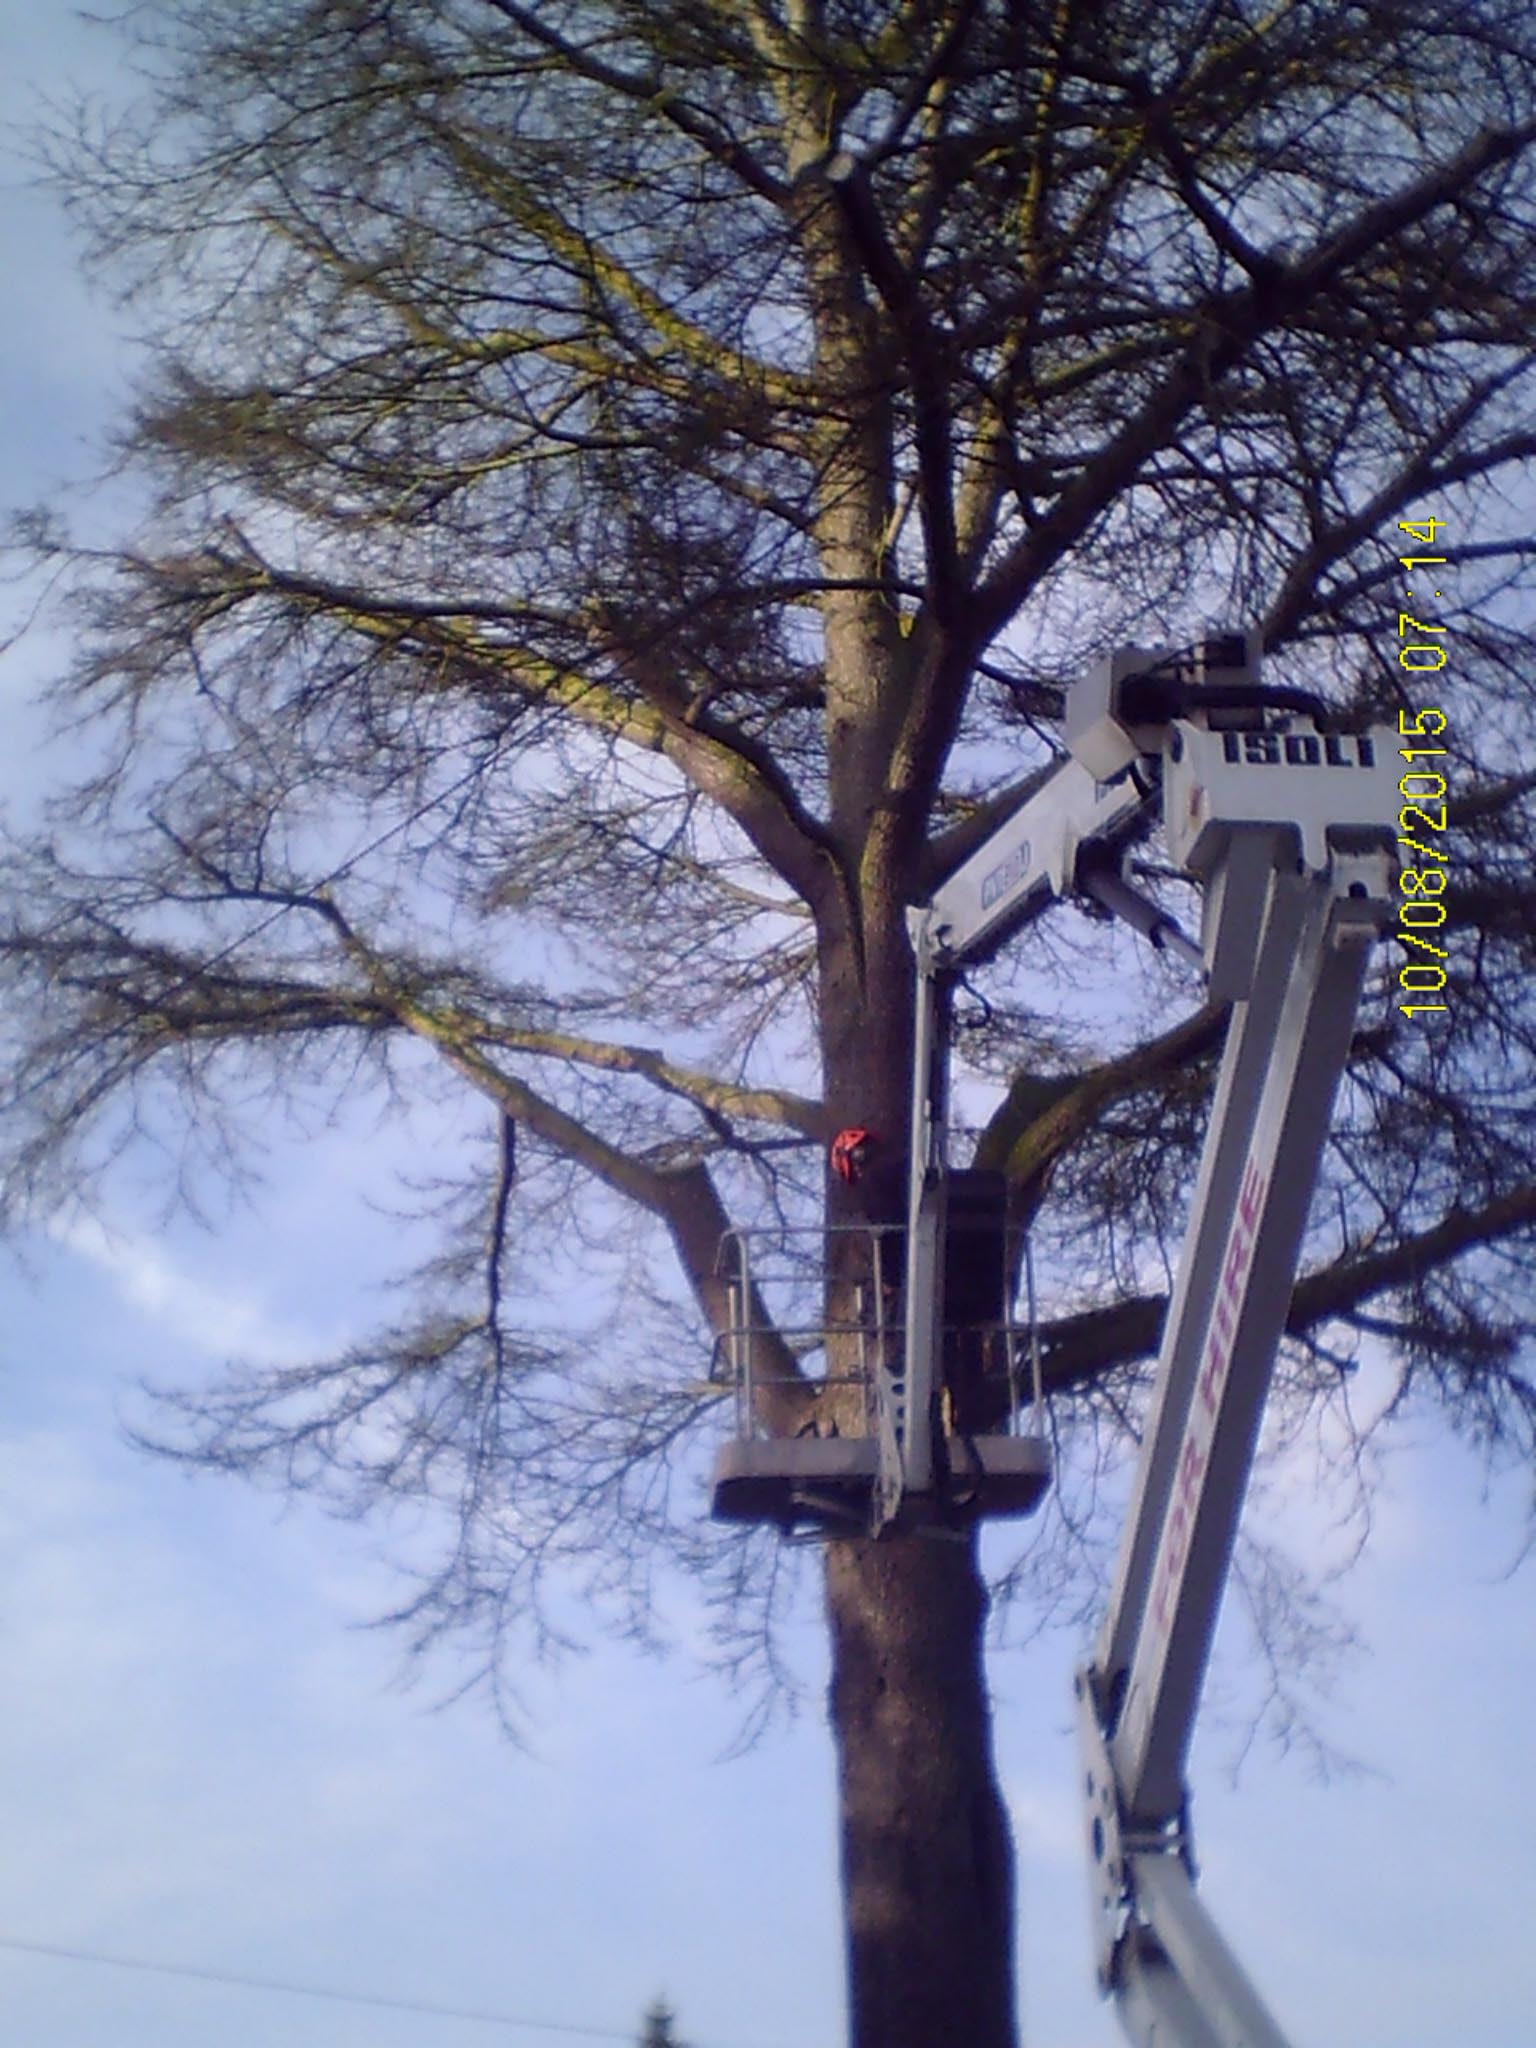 Tree Surgeon. Cedar with Honey Fungus